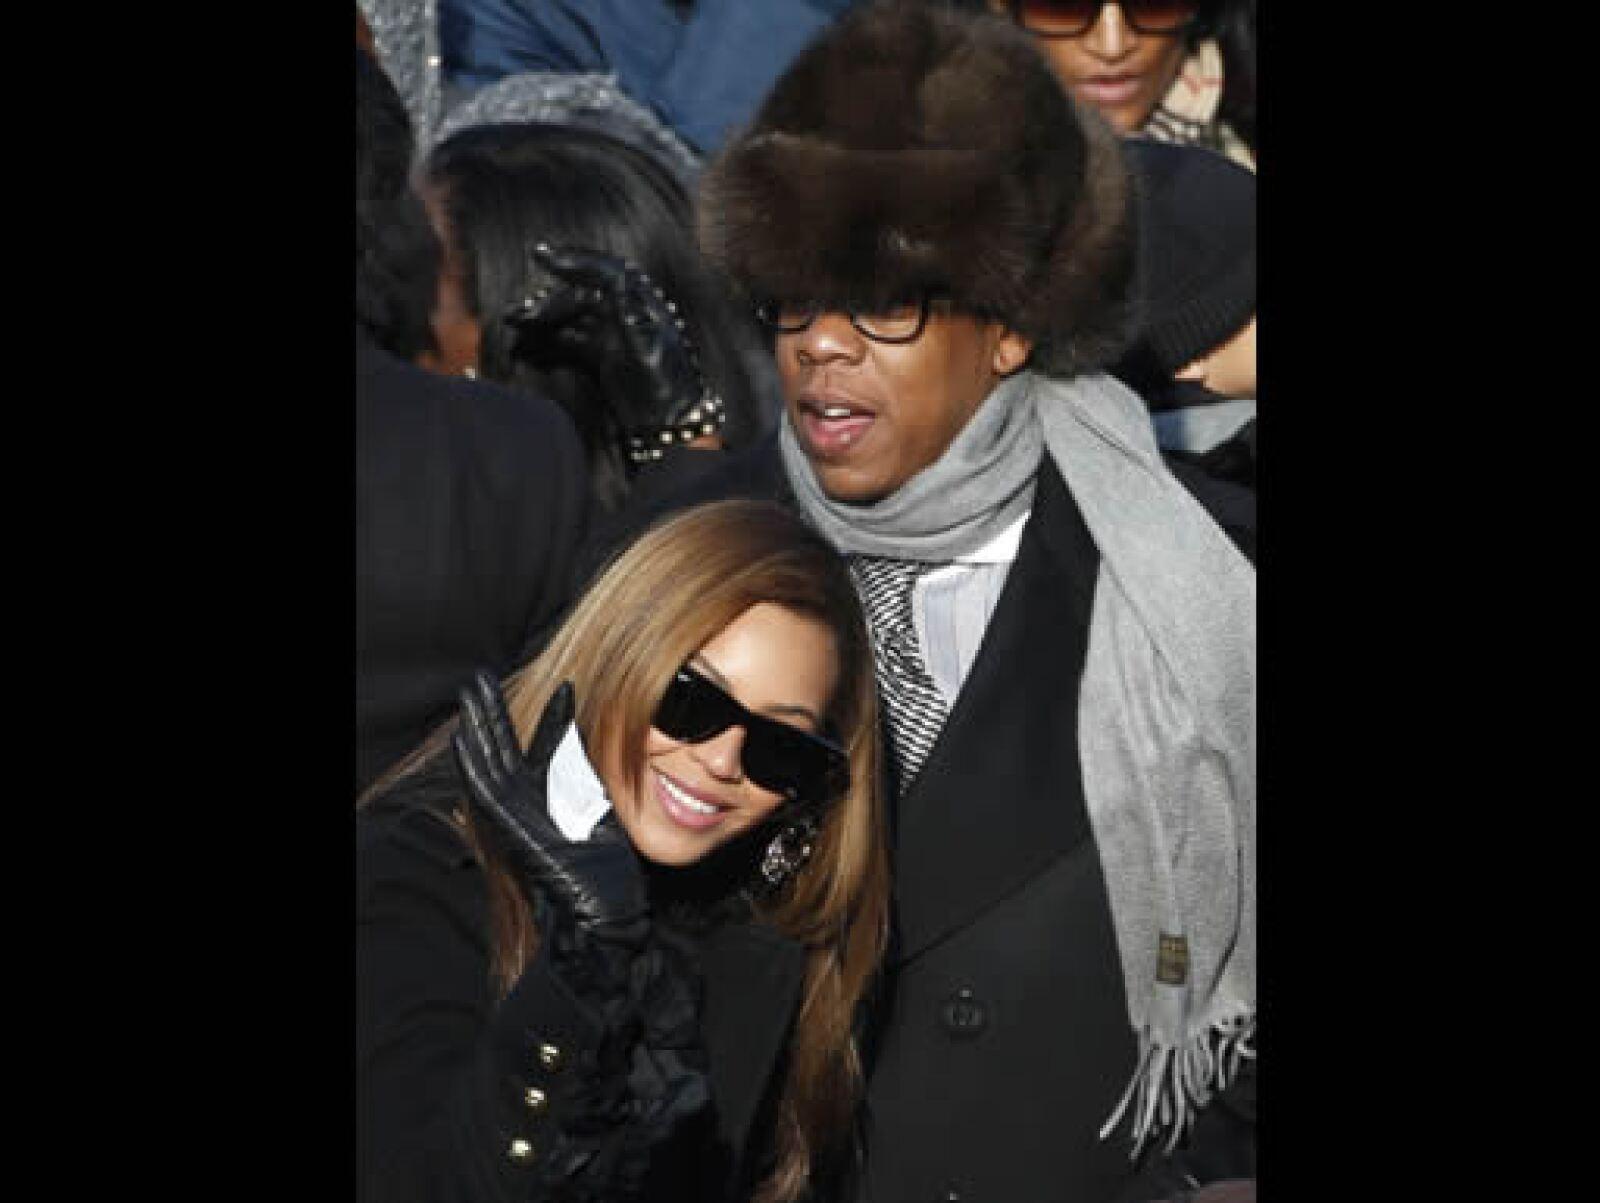 La cantante Beyoncé y su esposo, el rapero Jay-Z cuando esperaban el juramento.